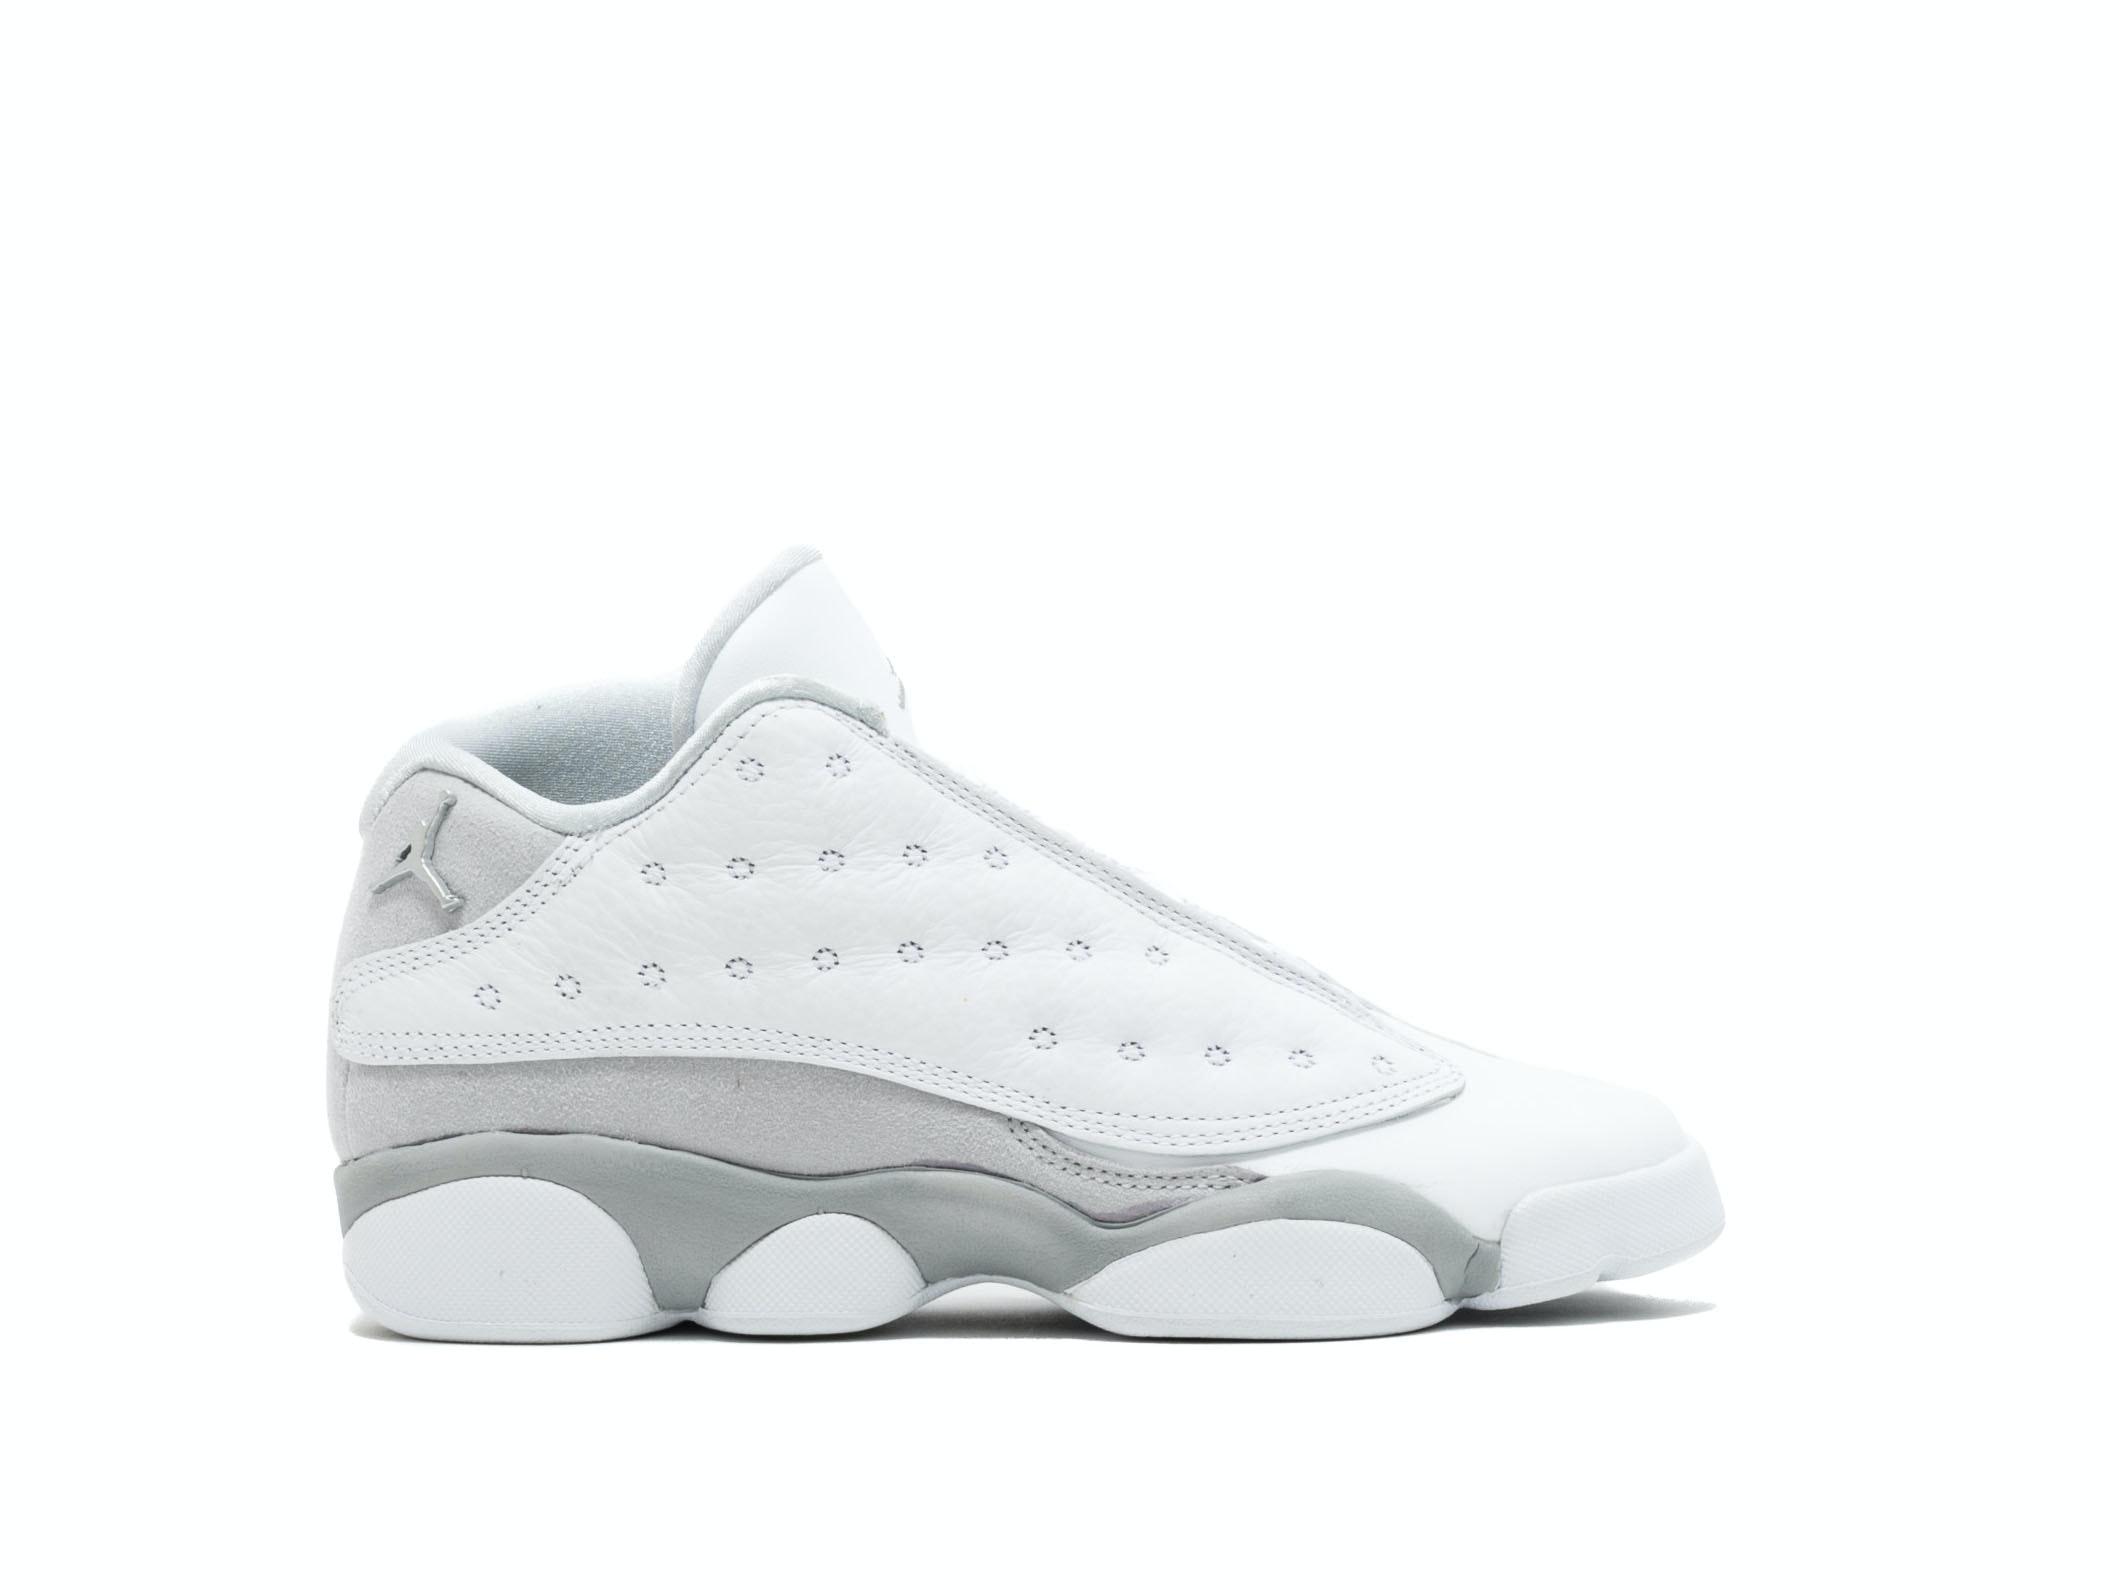 08a0f2a4277 Shop Air Jordan 13 Retro Low GS Pure Money Online | Laced